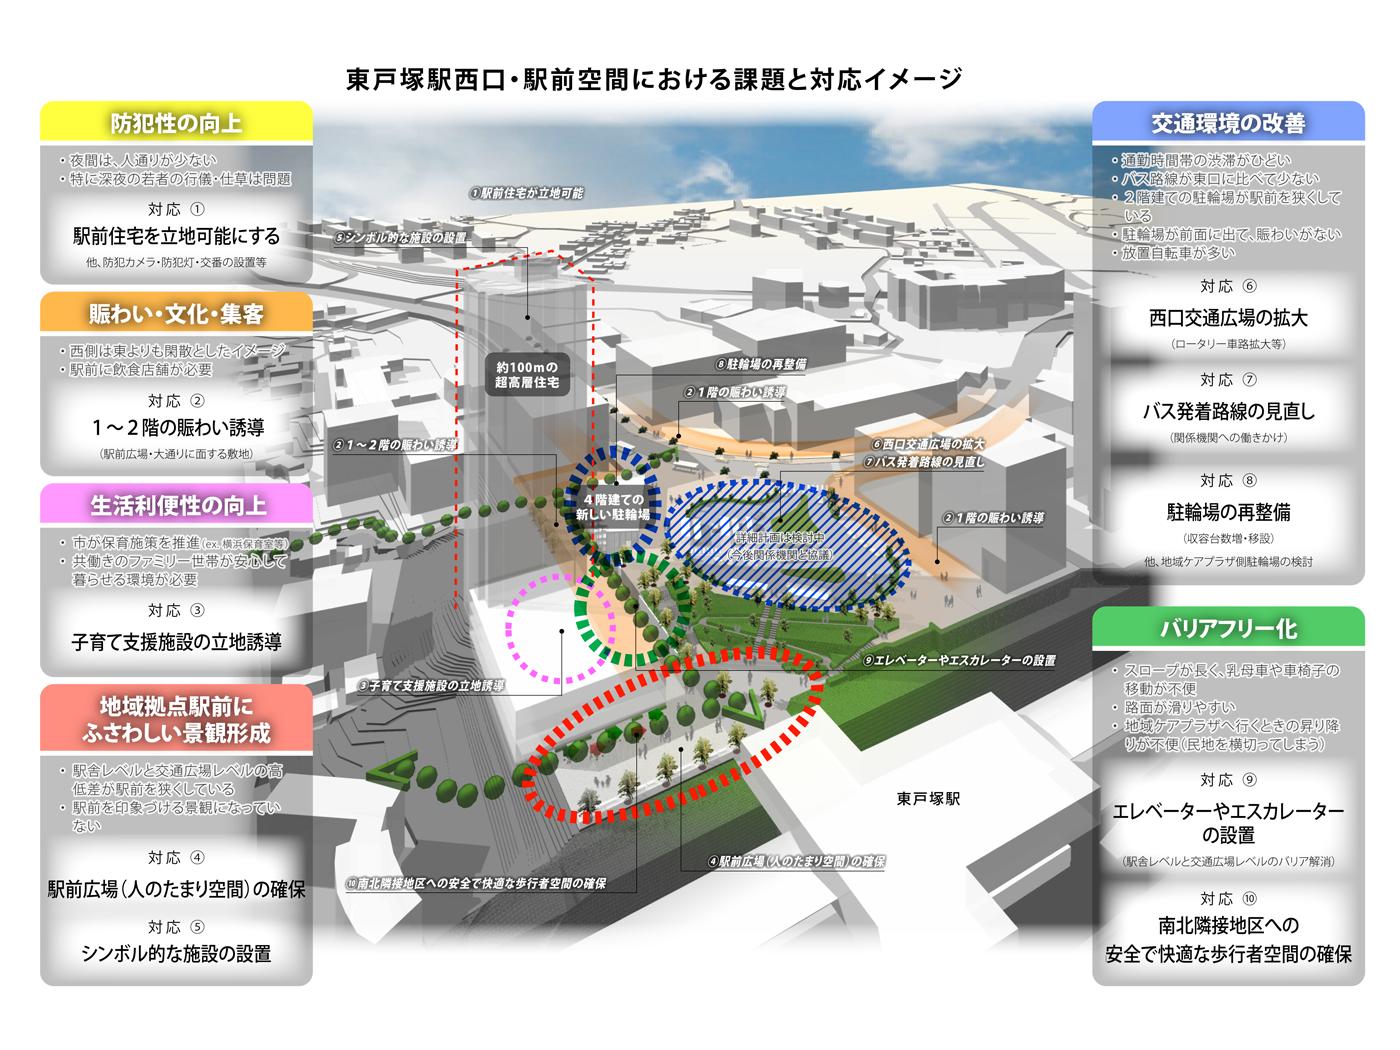 東戸塚都市計画推進